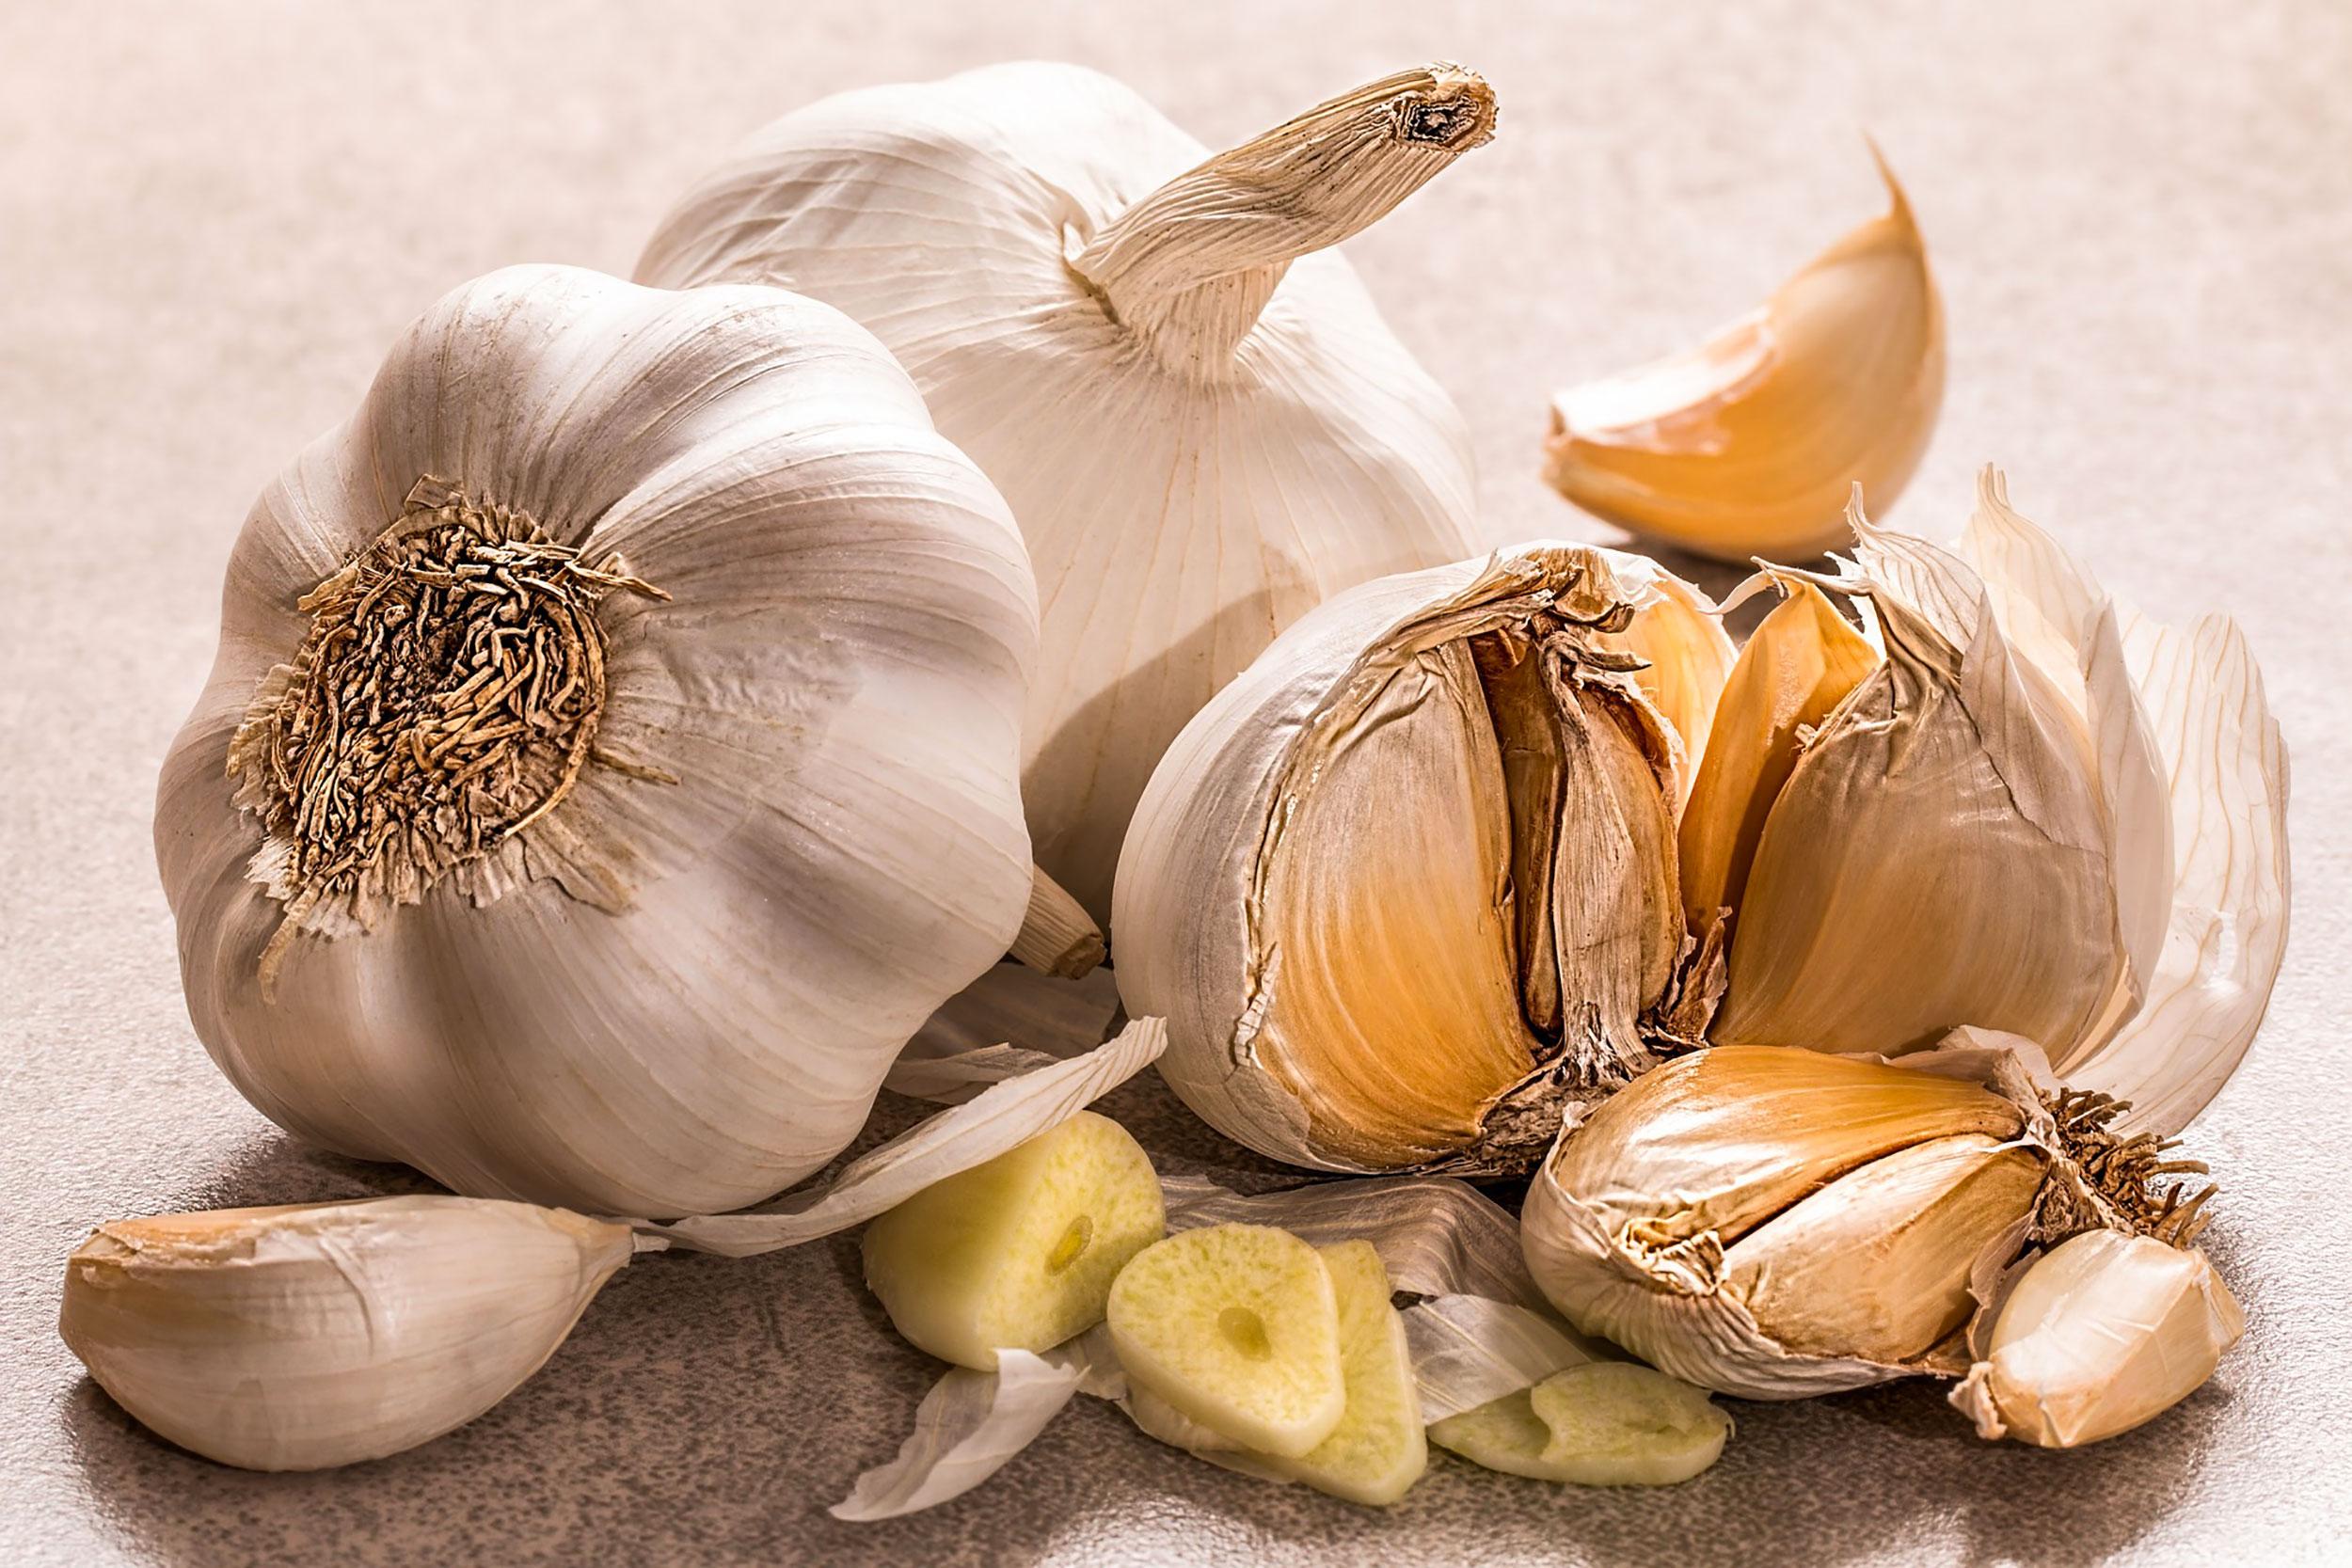 mangia aglio per perdere peso